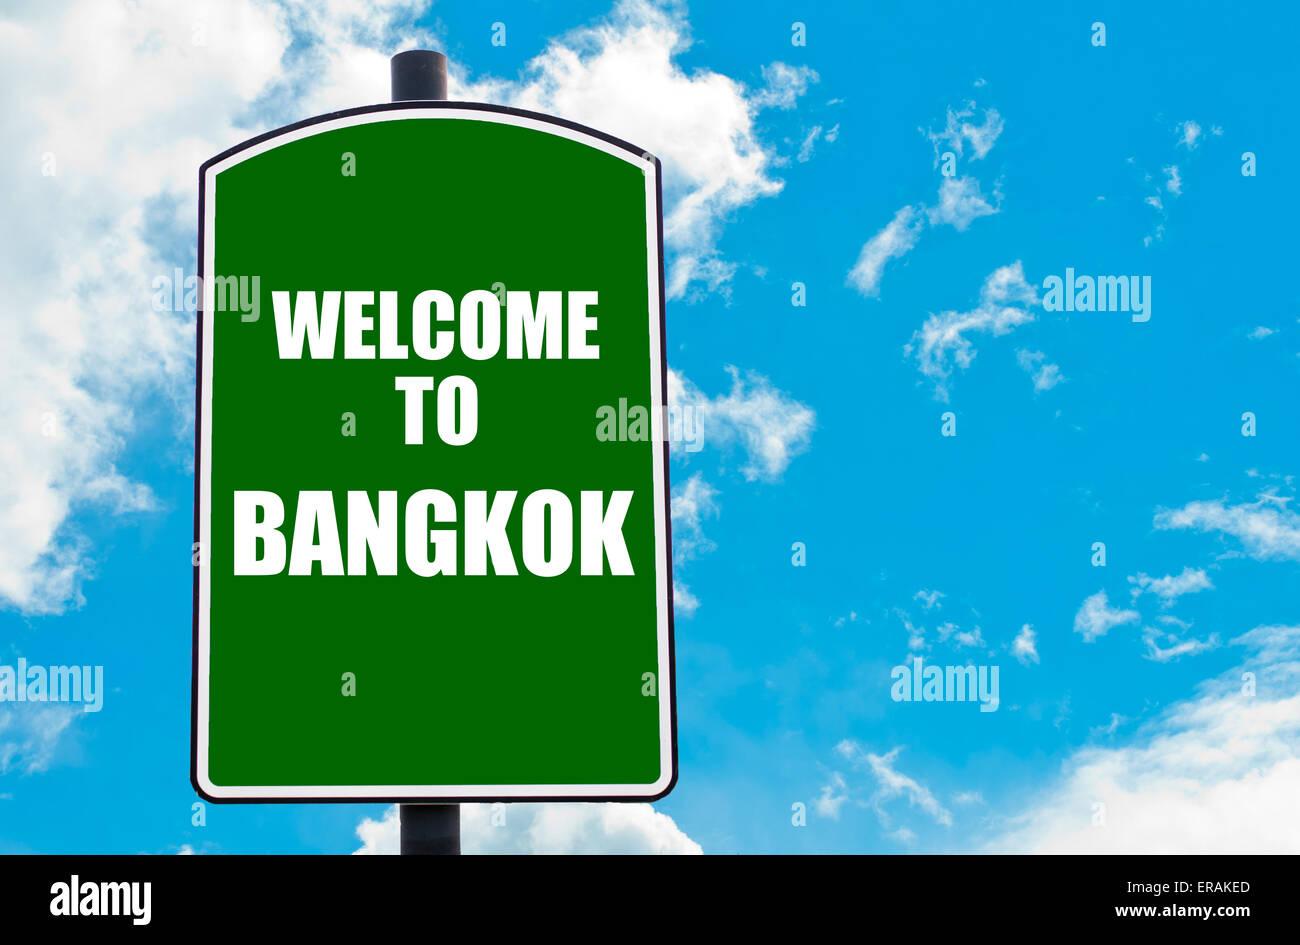 Grüne Verkehrszeichen mit Gruß-Botschaft, die Willkommen in BANGKOK ...